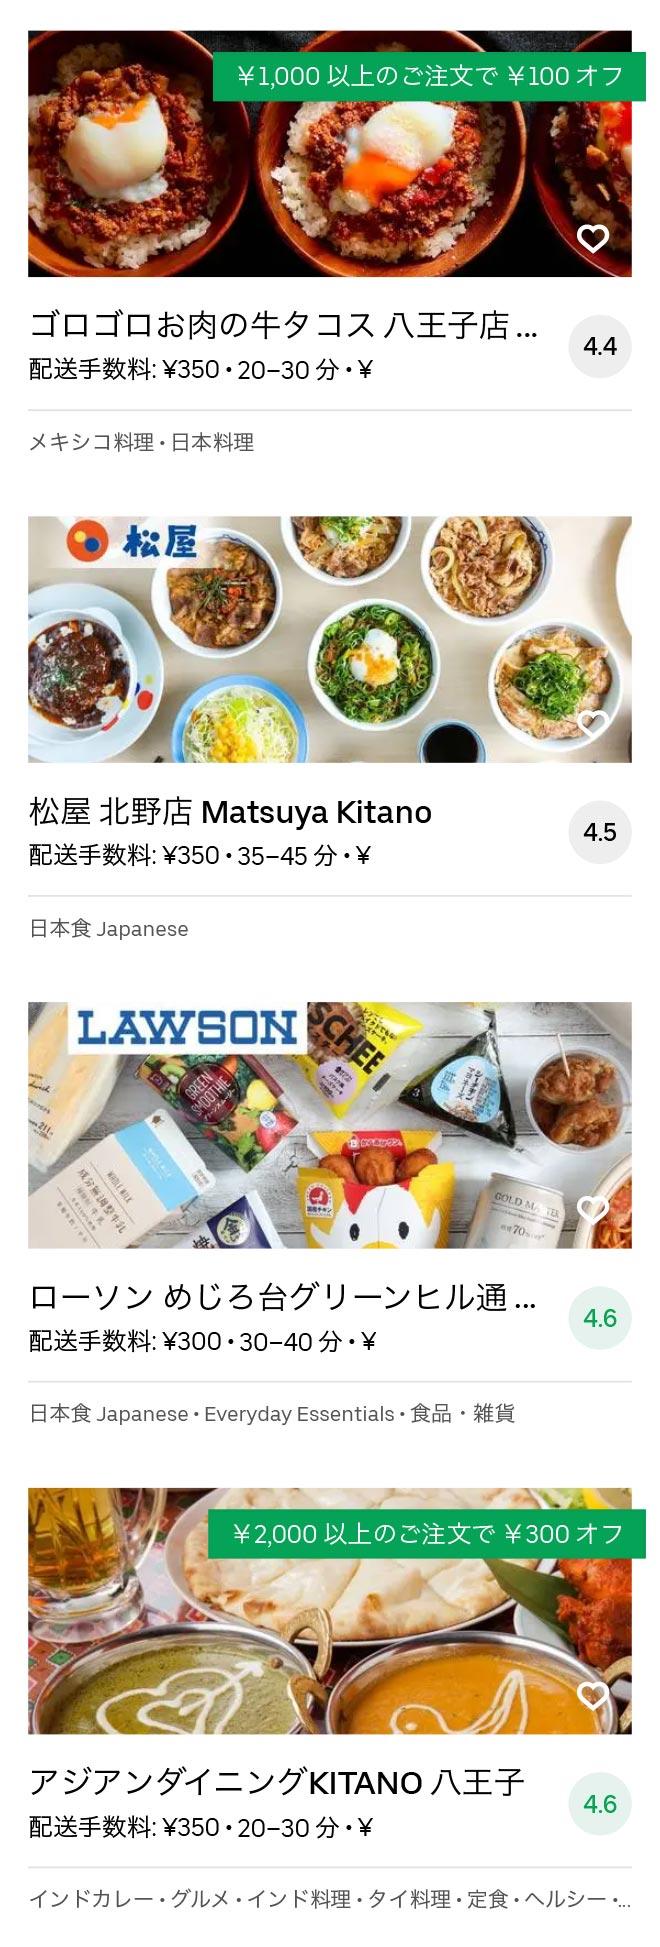 Hatioji minamino menu 2010 06